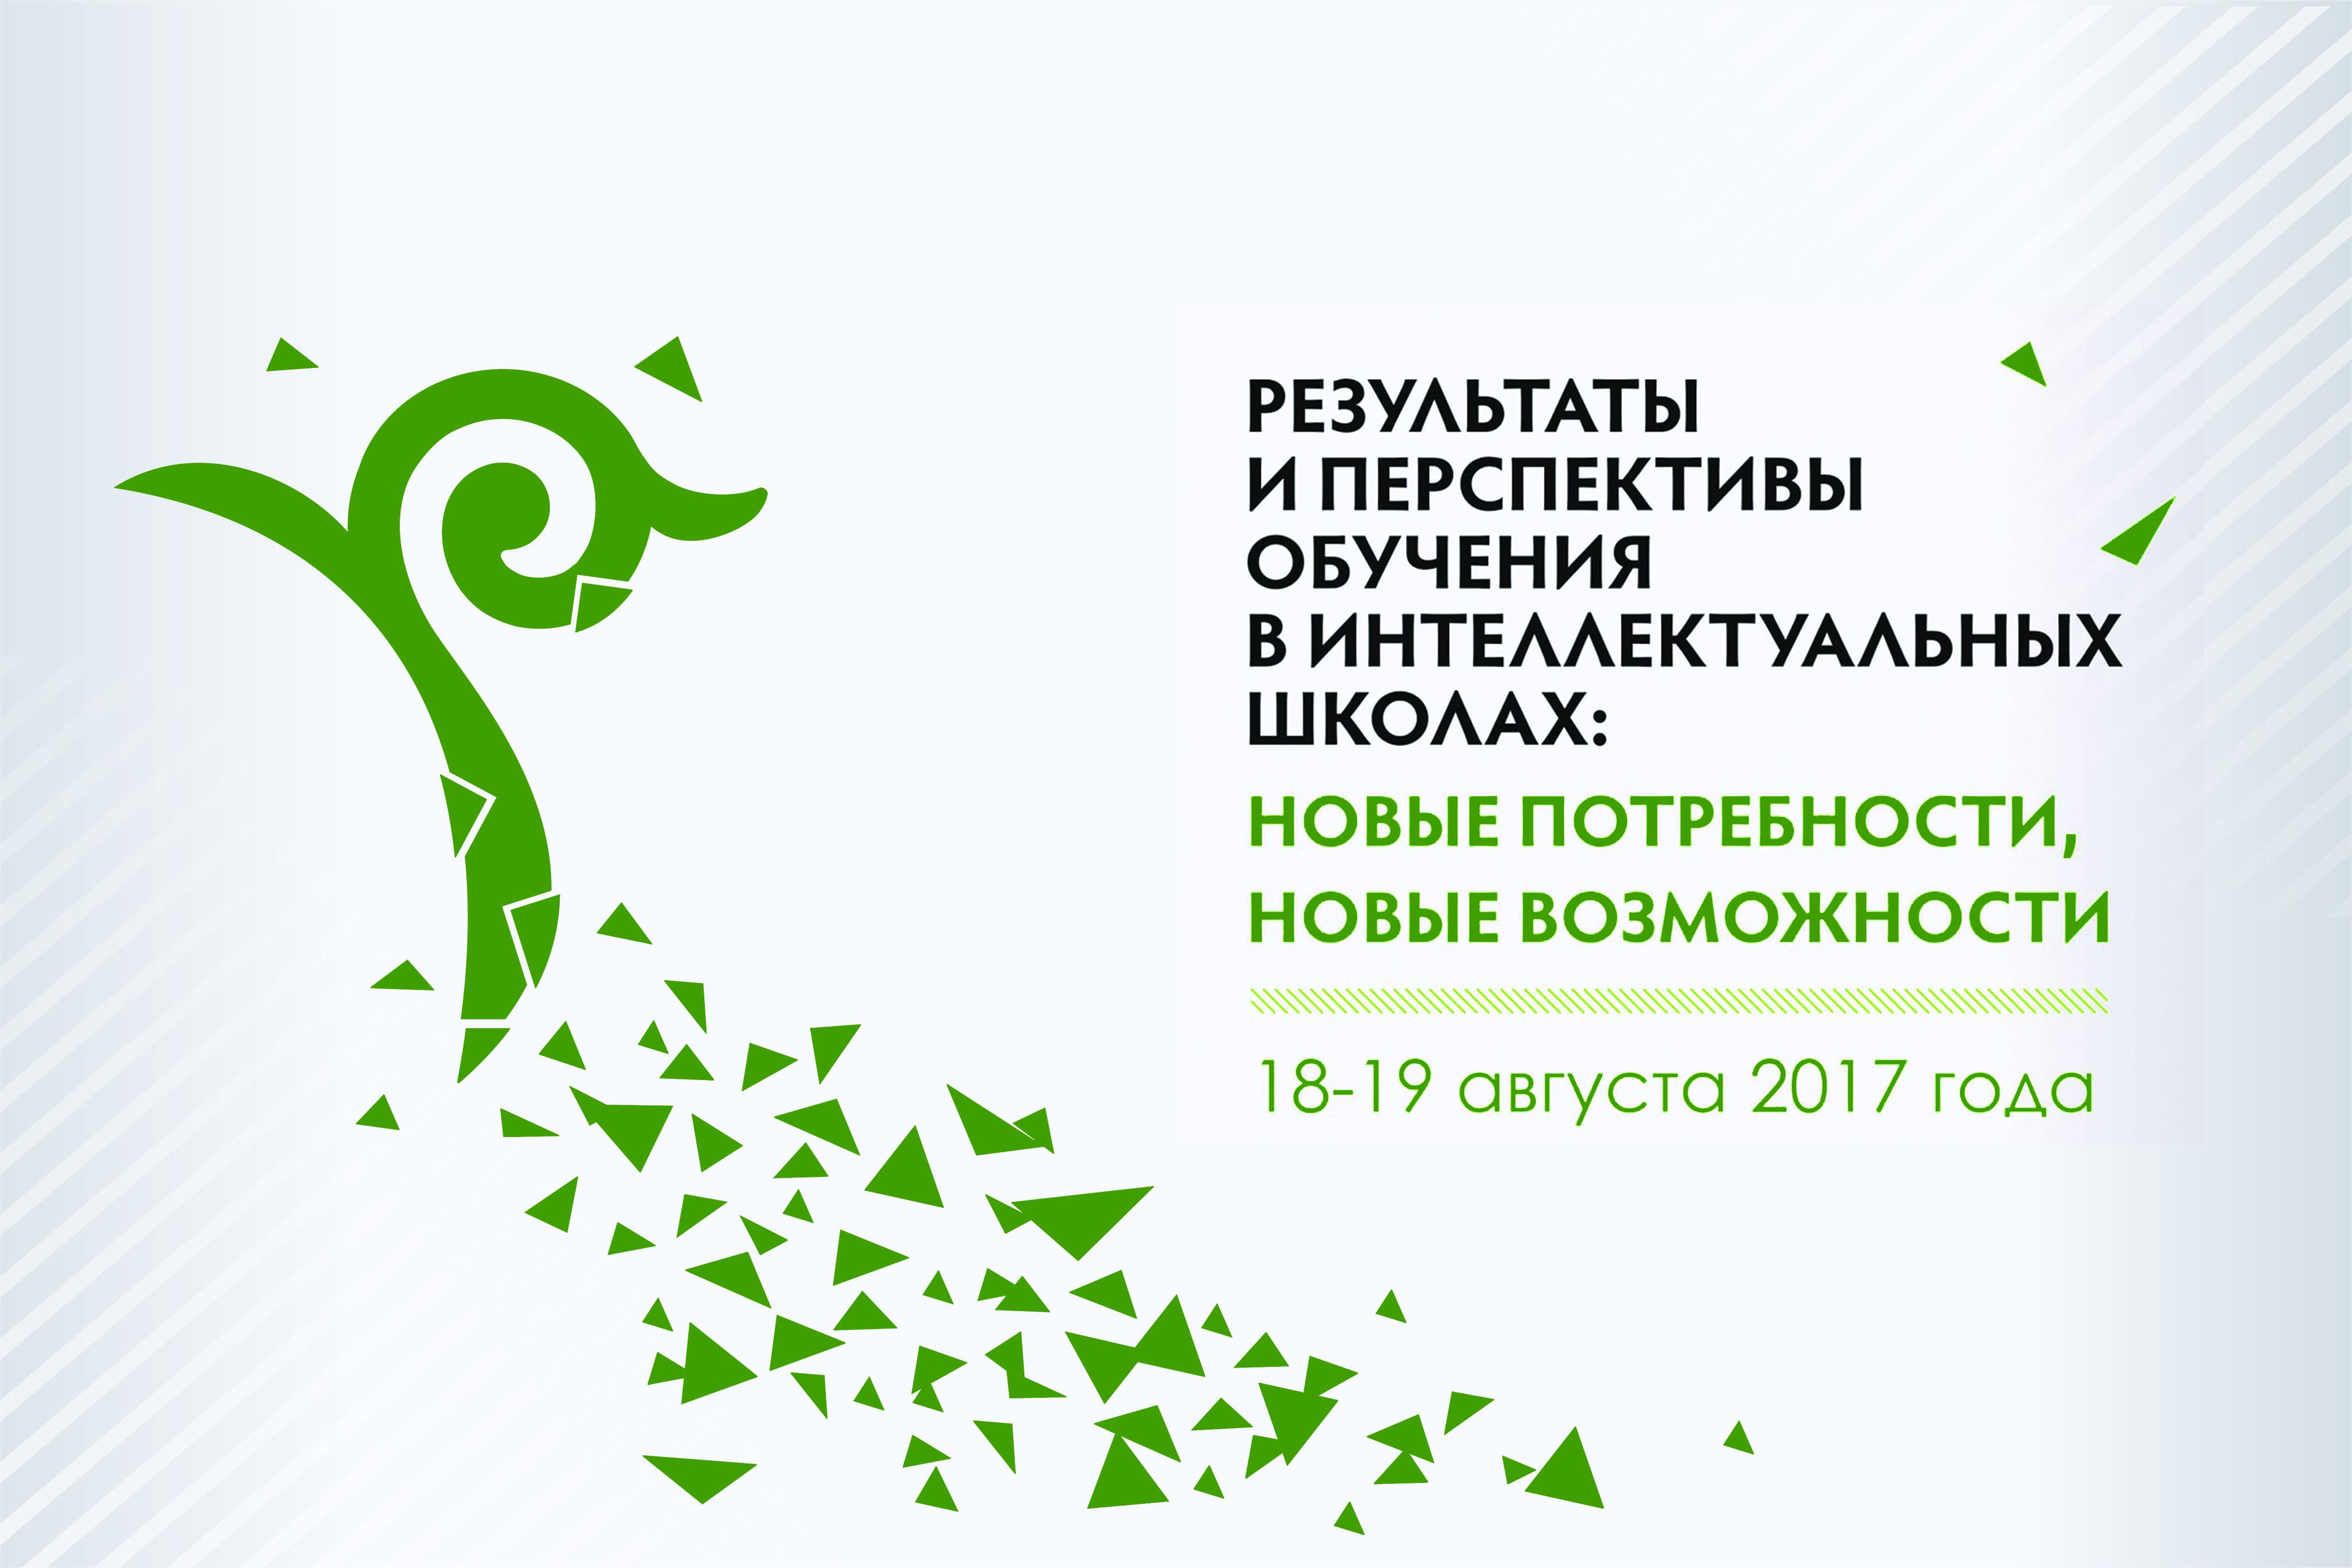 https://conferences.nis.edu.kz/wp-content/uploads/2017/08/e_d.jpg